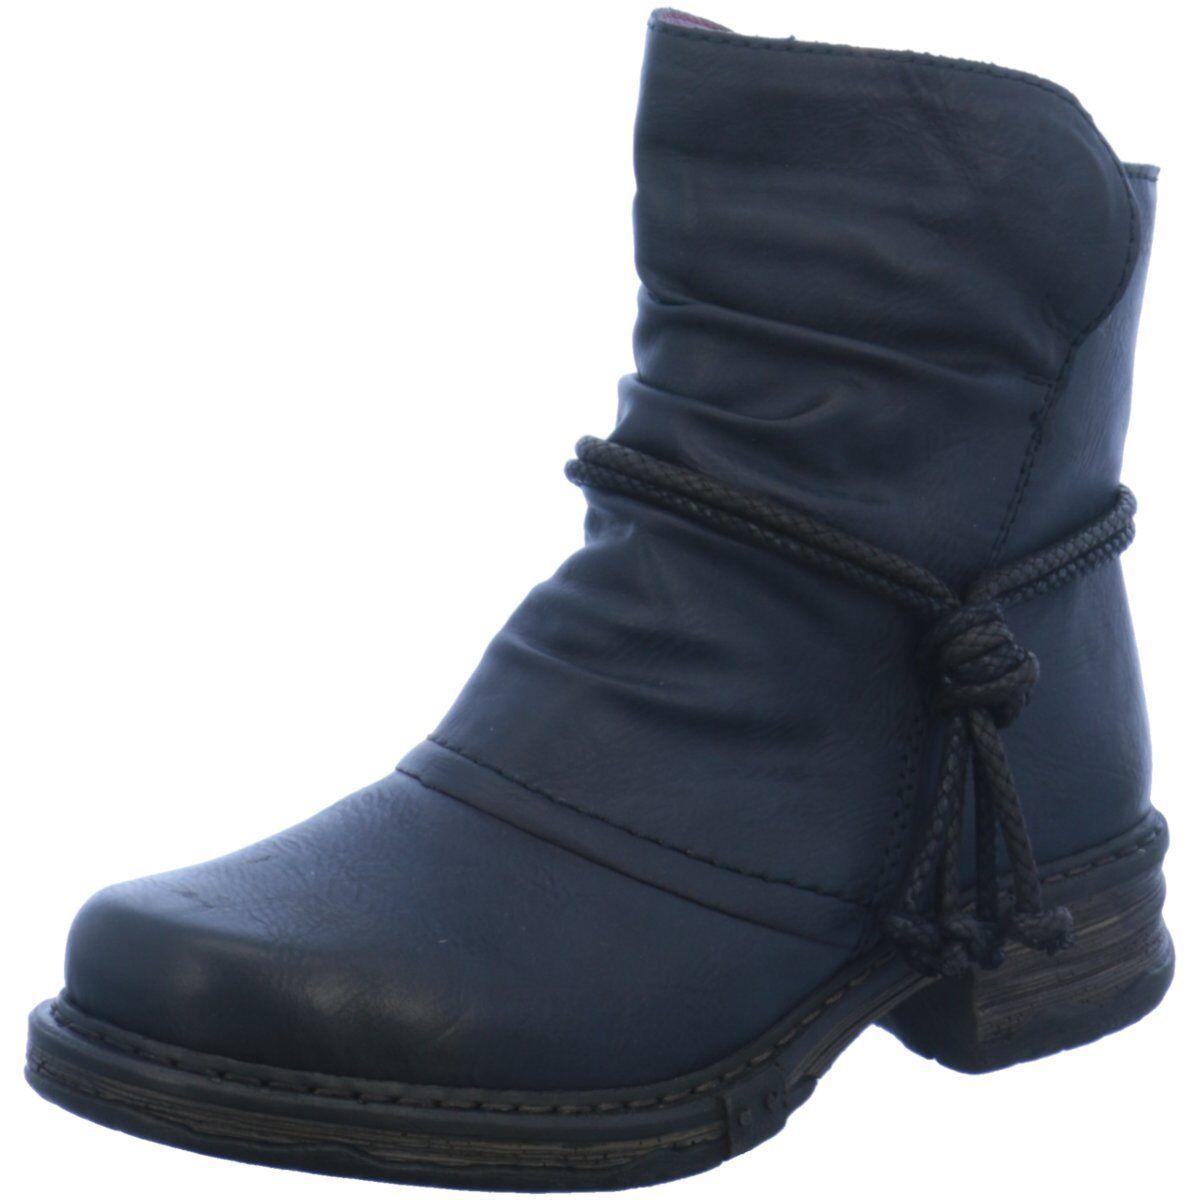 SHEEGO WEITSCHAFTSTIEFEL XL Leder Stiefel Gr.37 Damen Schuhe